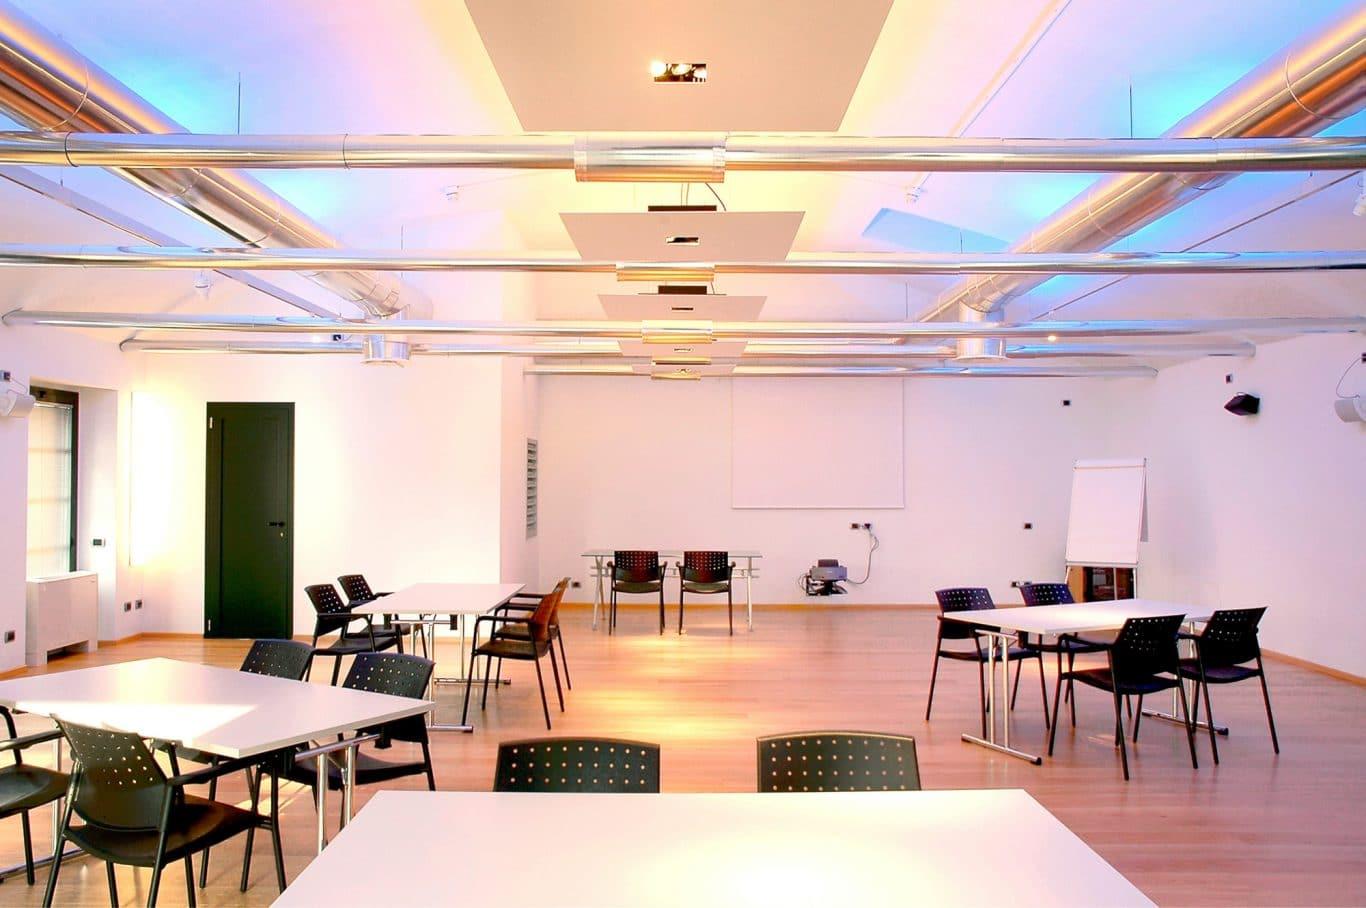 Casa dell 39 energia milano area events - Casa dell ottone milano ...